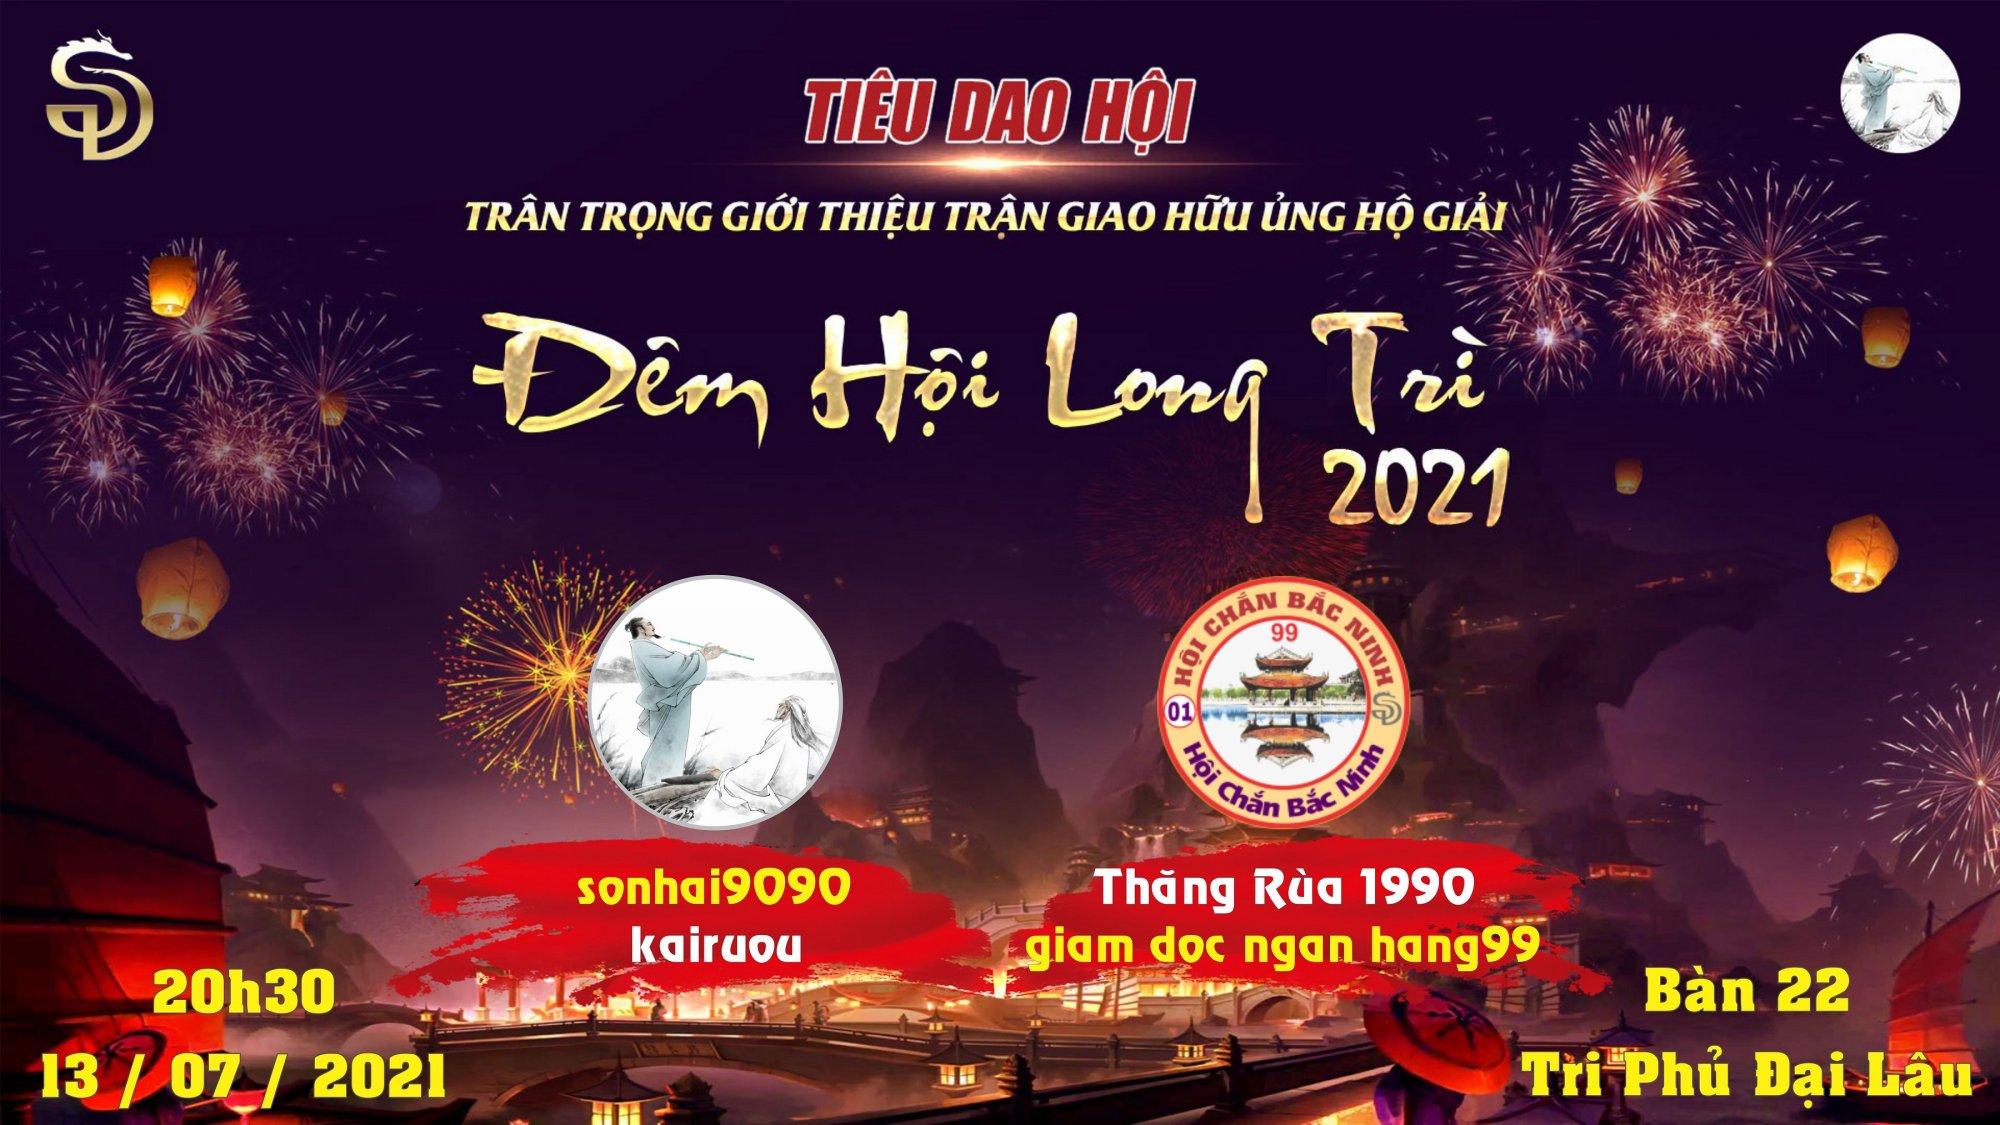 13.7_tran 4 - Bac Ninh.